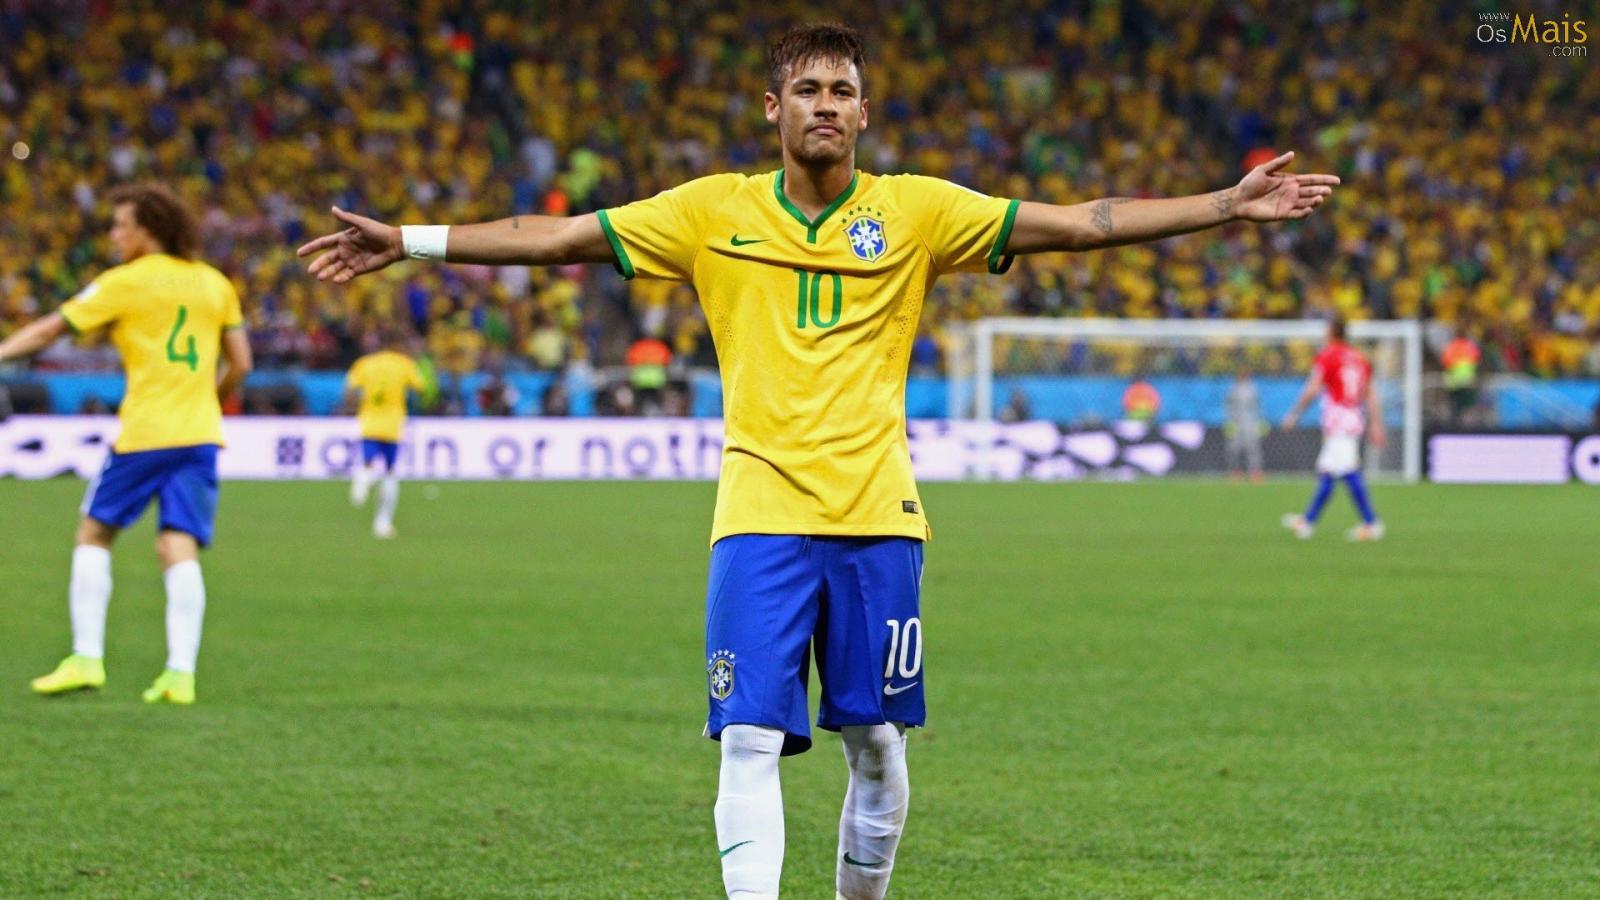 Vídeo: Neymar faz exigência para acertar com o Real